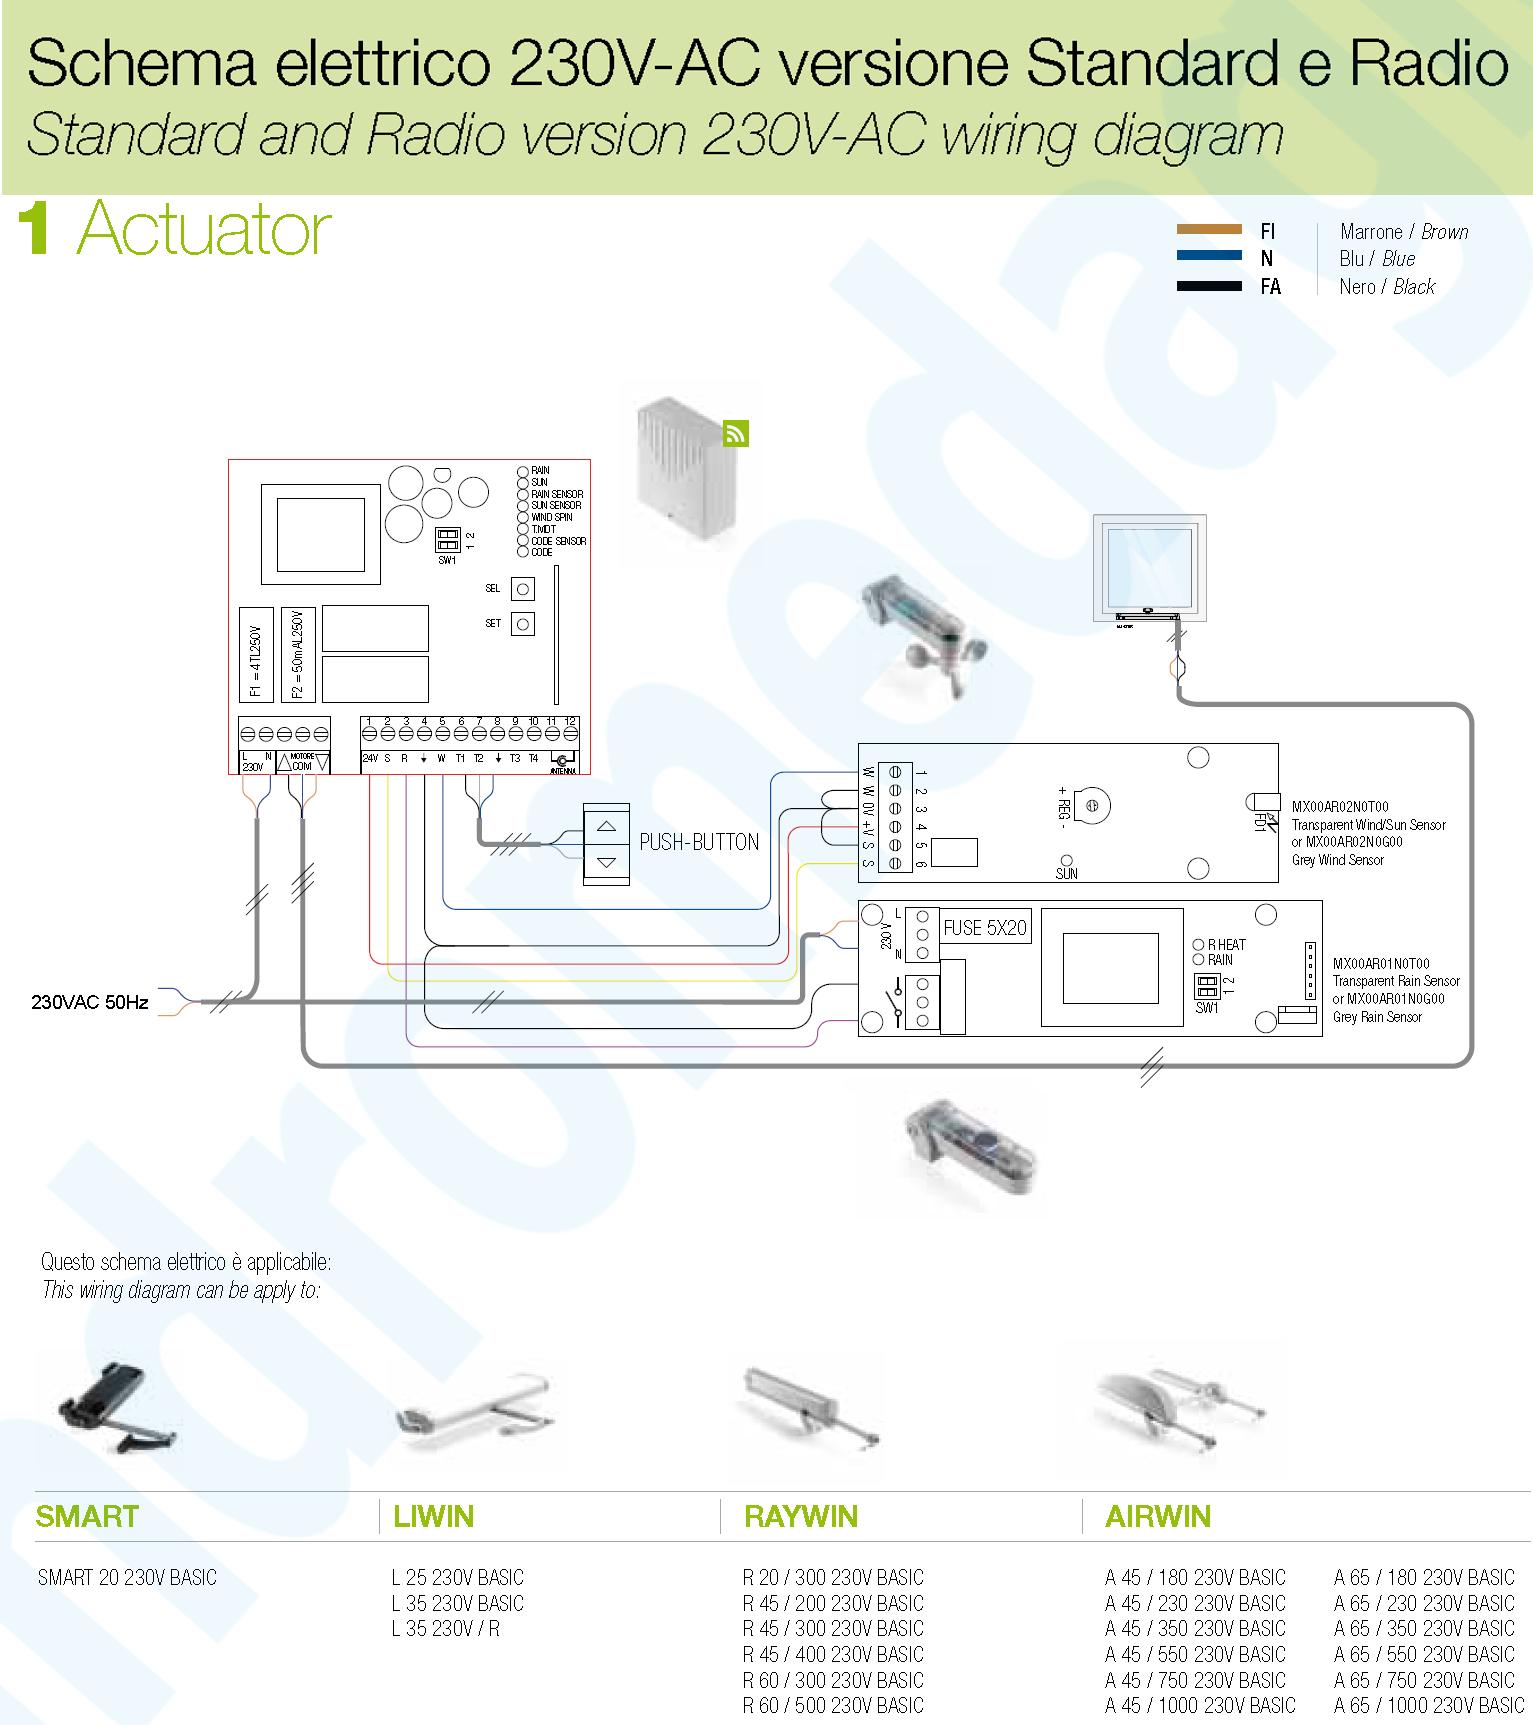 SKYFAST500H200-BASIC-RADIO/R1B KIT PER LUCERNAIO ANTA MAX 100 KG